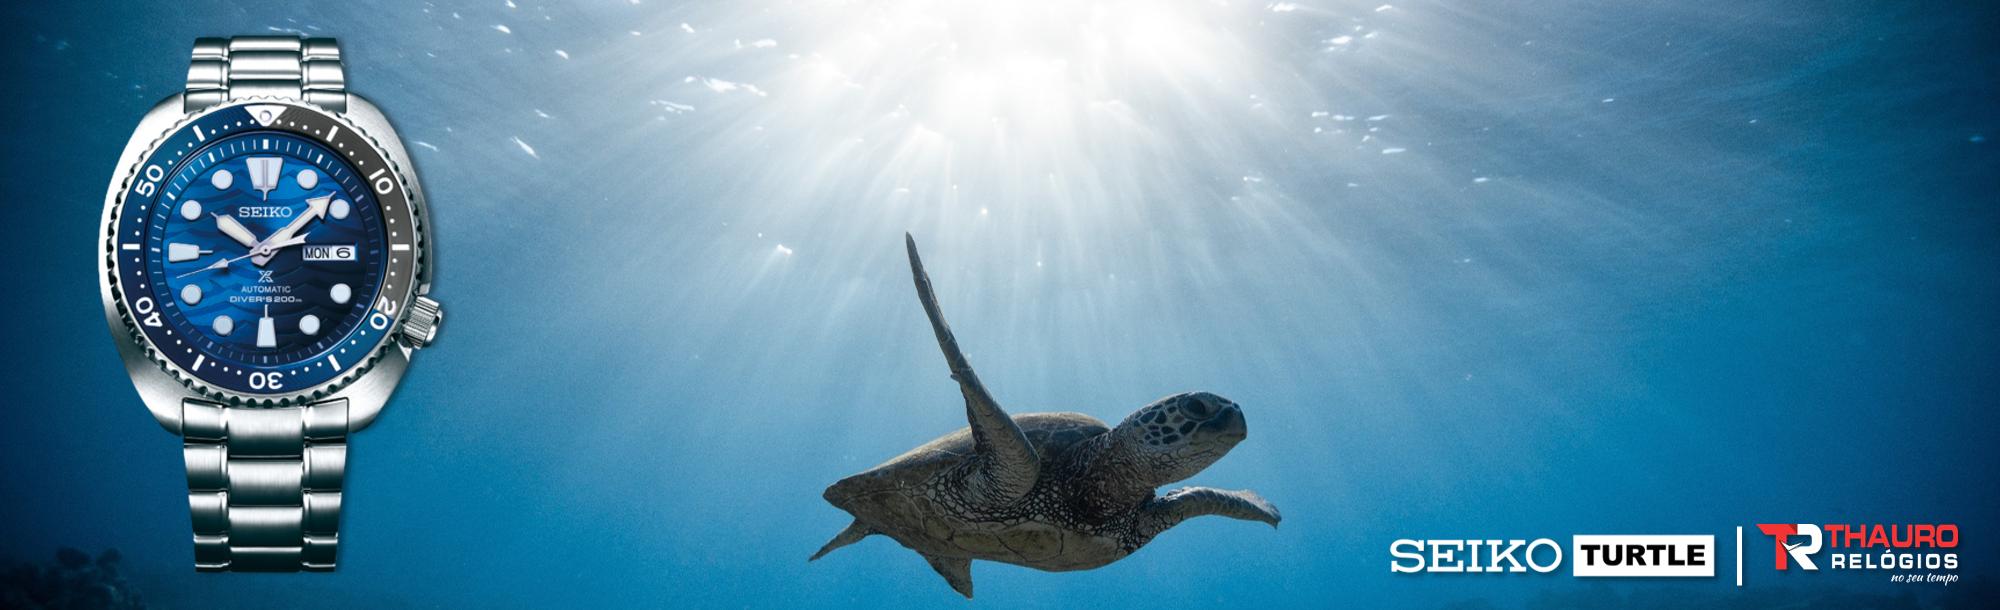 Seiko Turtle